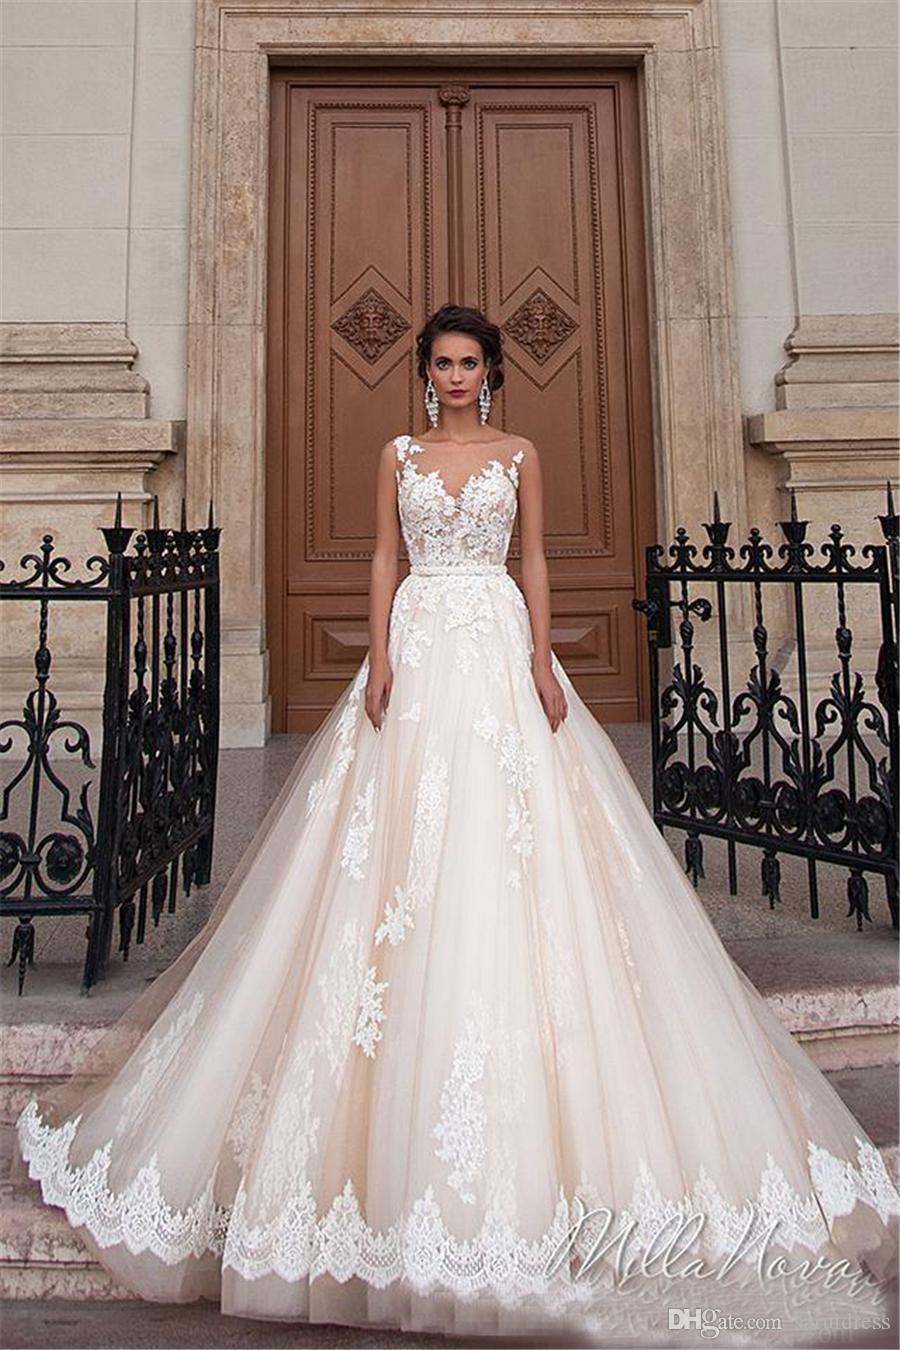 환상 네클라인 레이스 진주 섹시한 돌아 가기 겸손한 플러스 사이즈 신부 드레스 빈티지 밀라 노바 샴페인 공주 웨딩 드레스